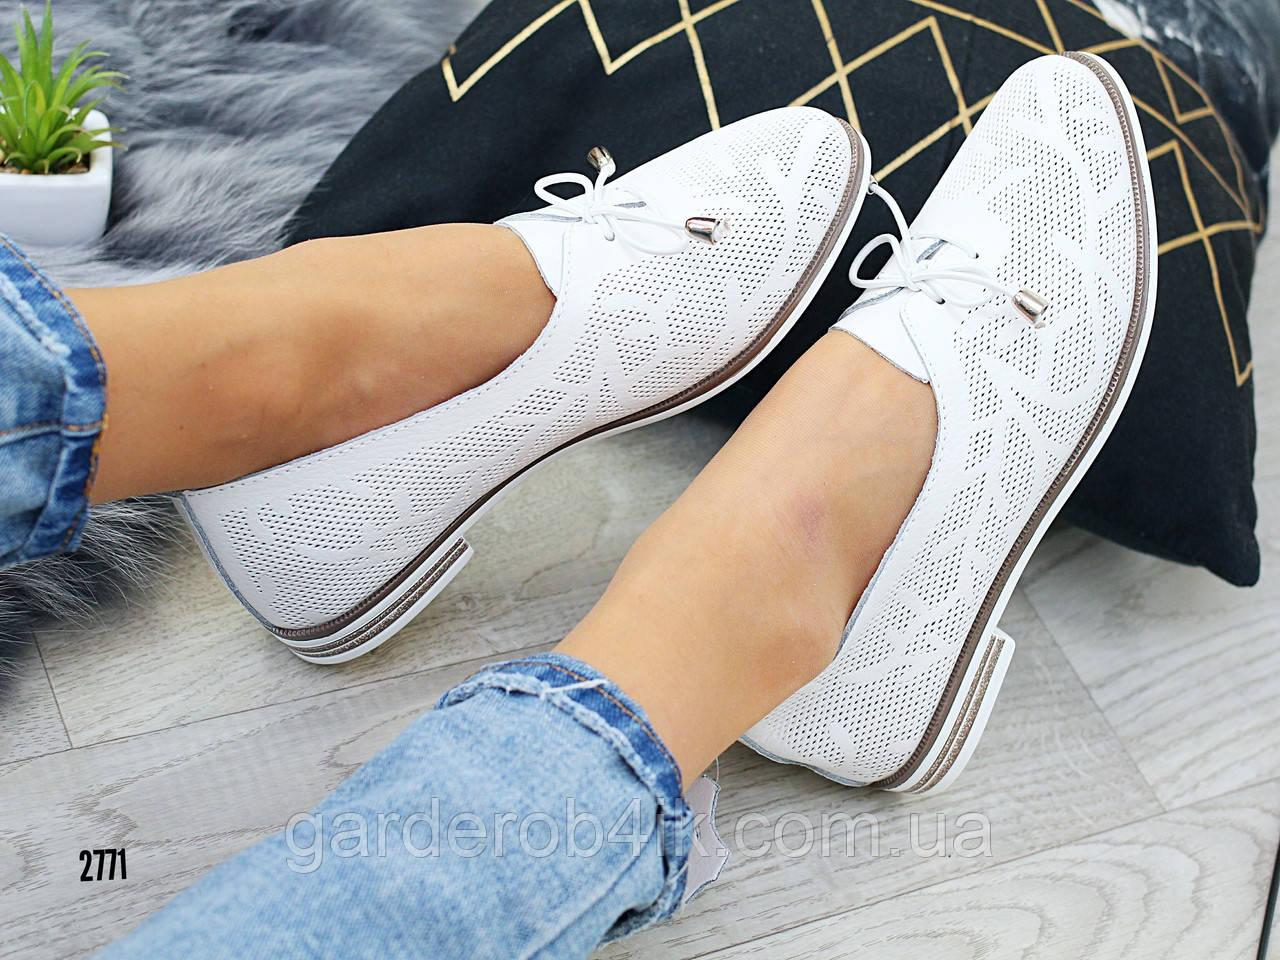 Ошатні жіночі туфлі білі, шкіряні